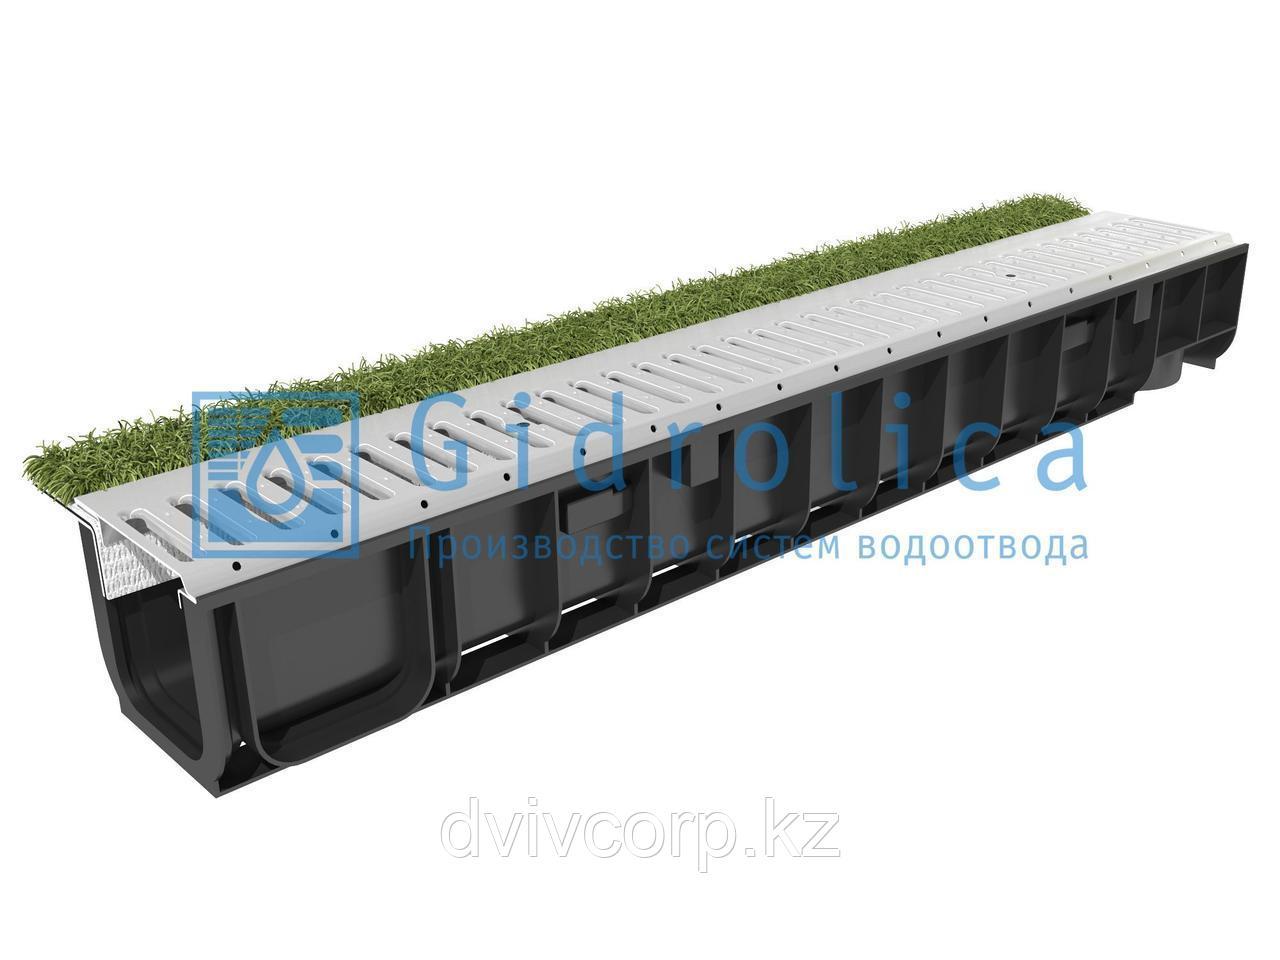 Арт. 0801sport Комплект Gidrolica Sport: лоток водоотводный ЛВ-10.14,5.12 пластиковый с решеткой